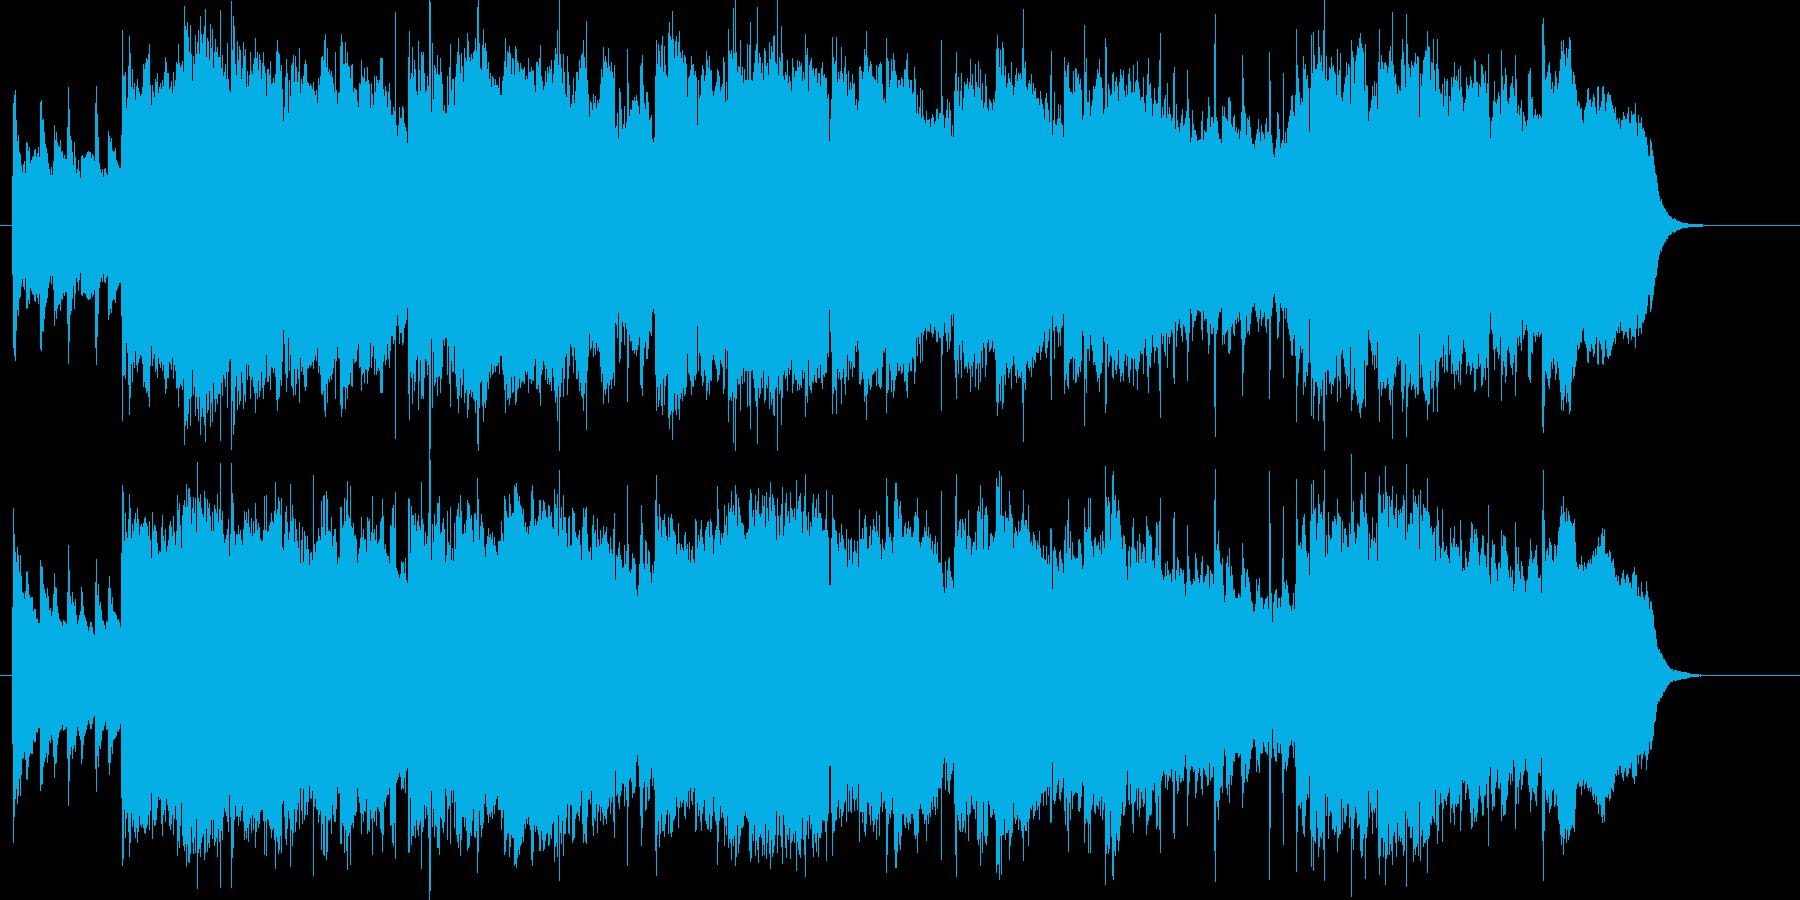 ゆっくり懐かしい安心感のある旋律の曲の再生済みの波形